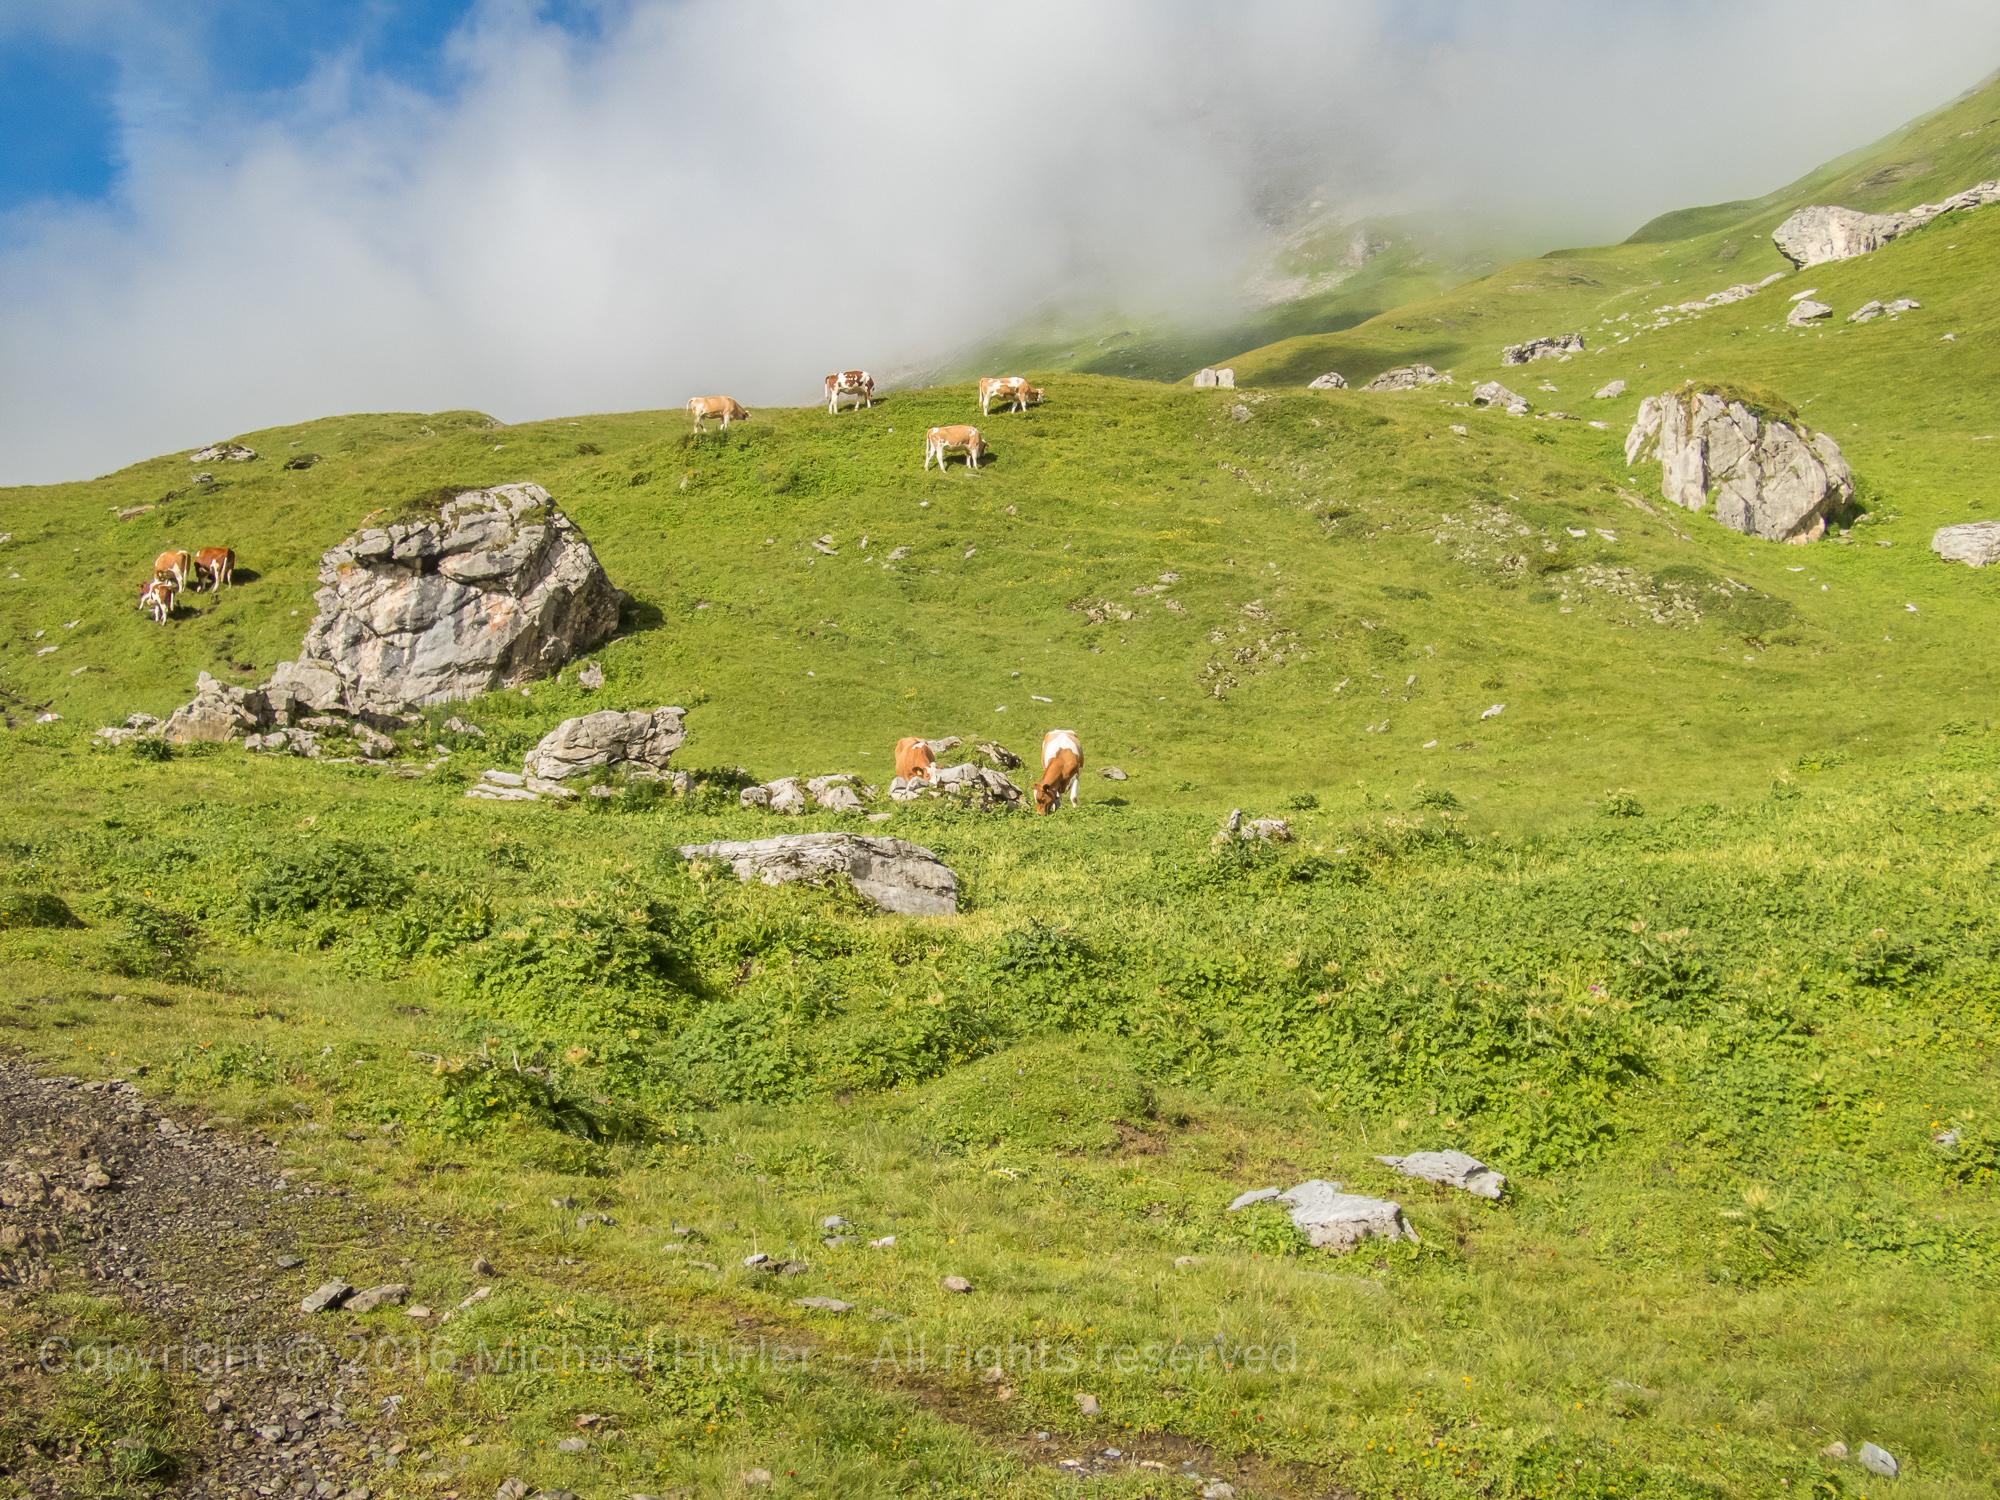 19.08.2016, Bärentrek - Von Mürren nach Kandersteg, Von der Rotstockhütte zur Sefinenfurgge